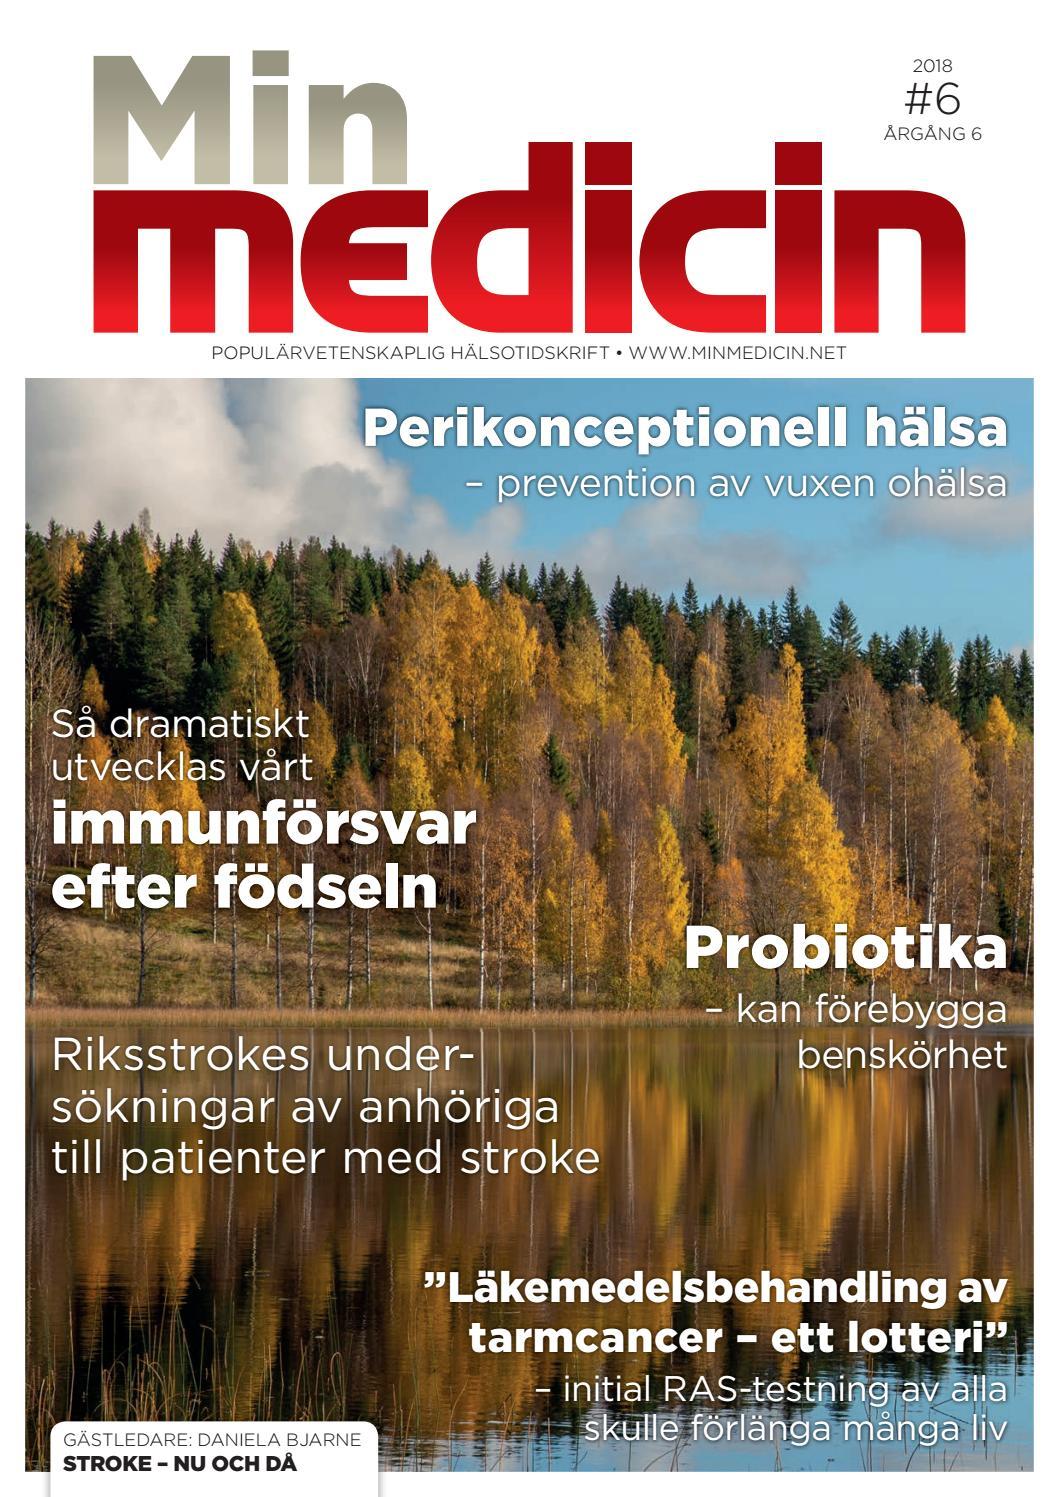 medicin mot kärlkramp